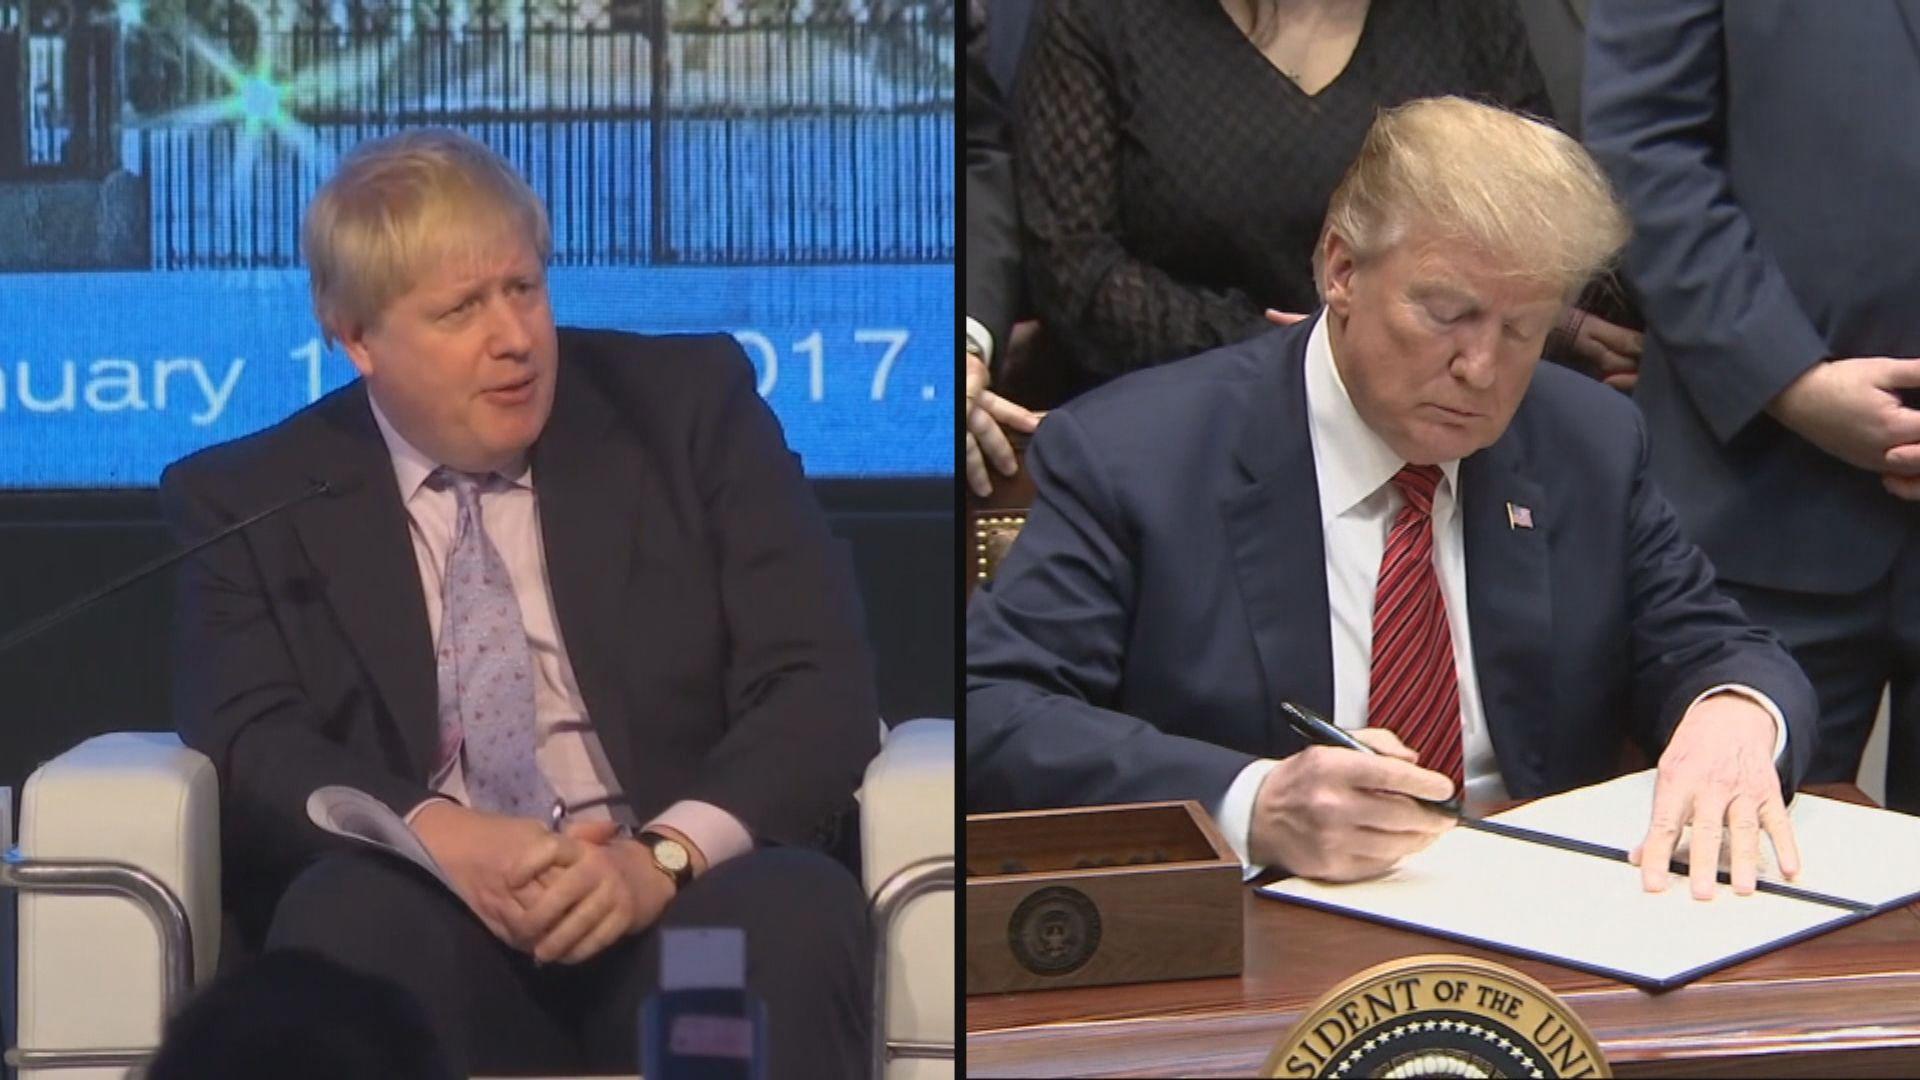 約翰遜特朗普通電話談及英國脫歐